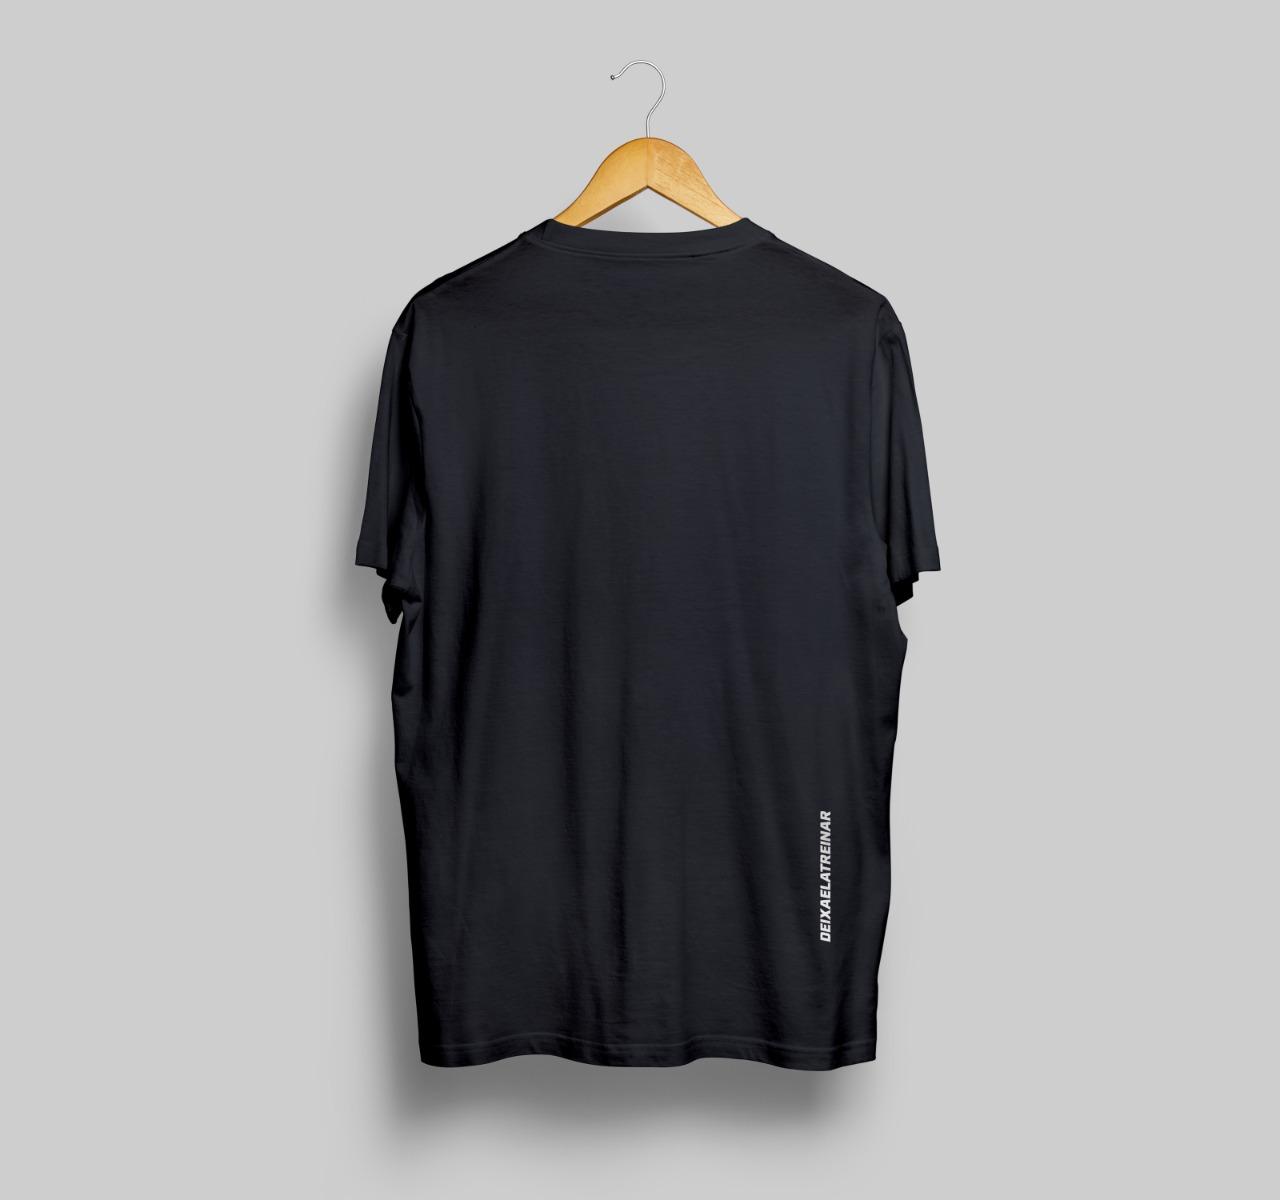 Camiseta Se der, eu treino